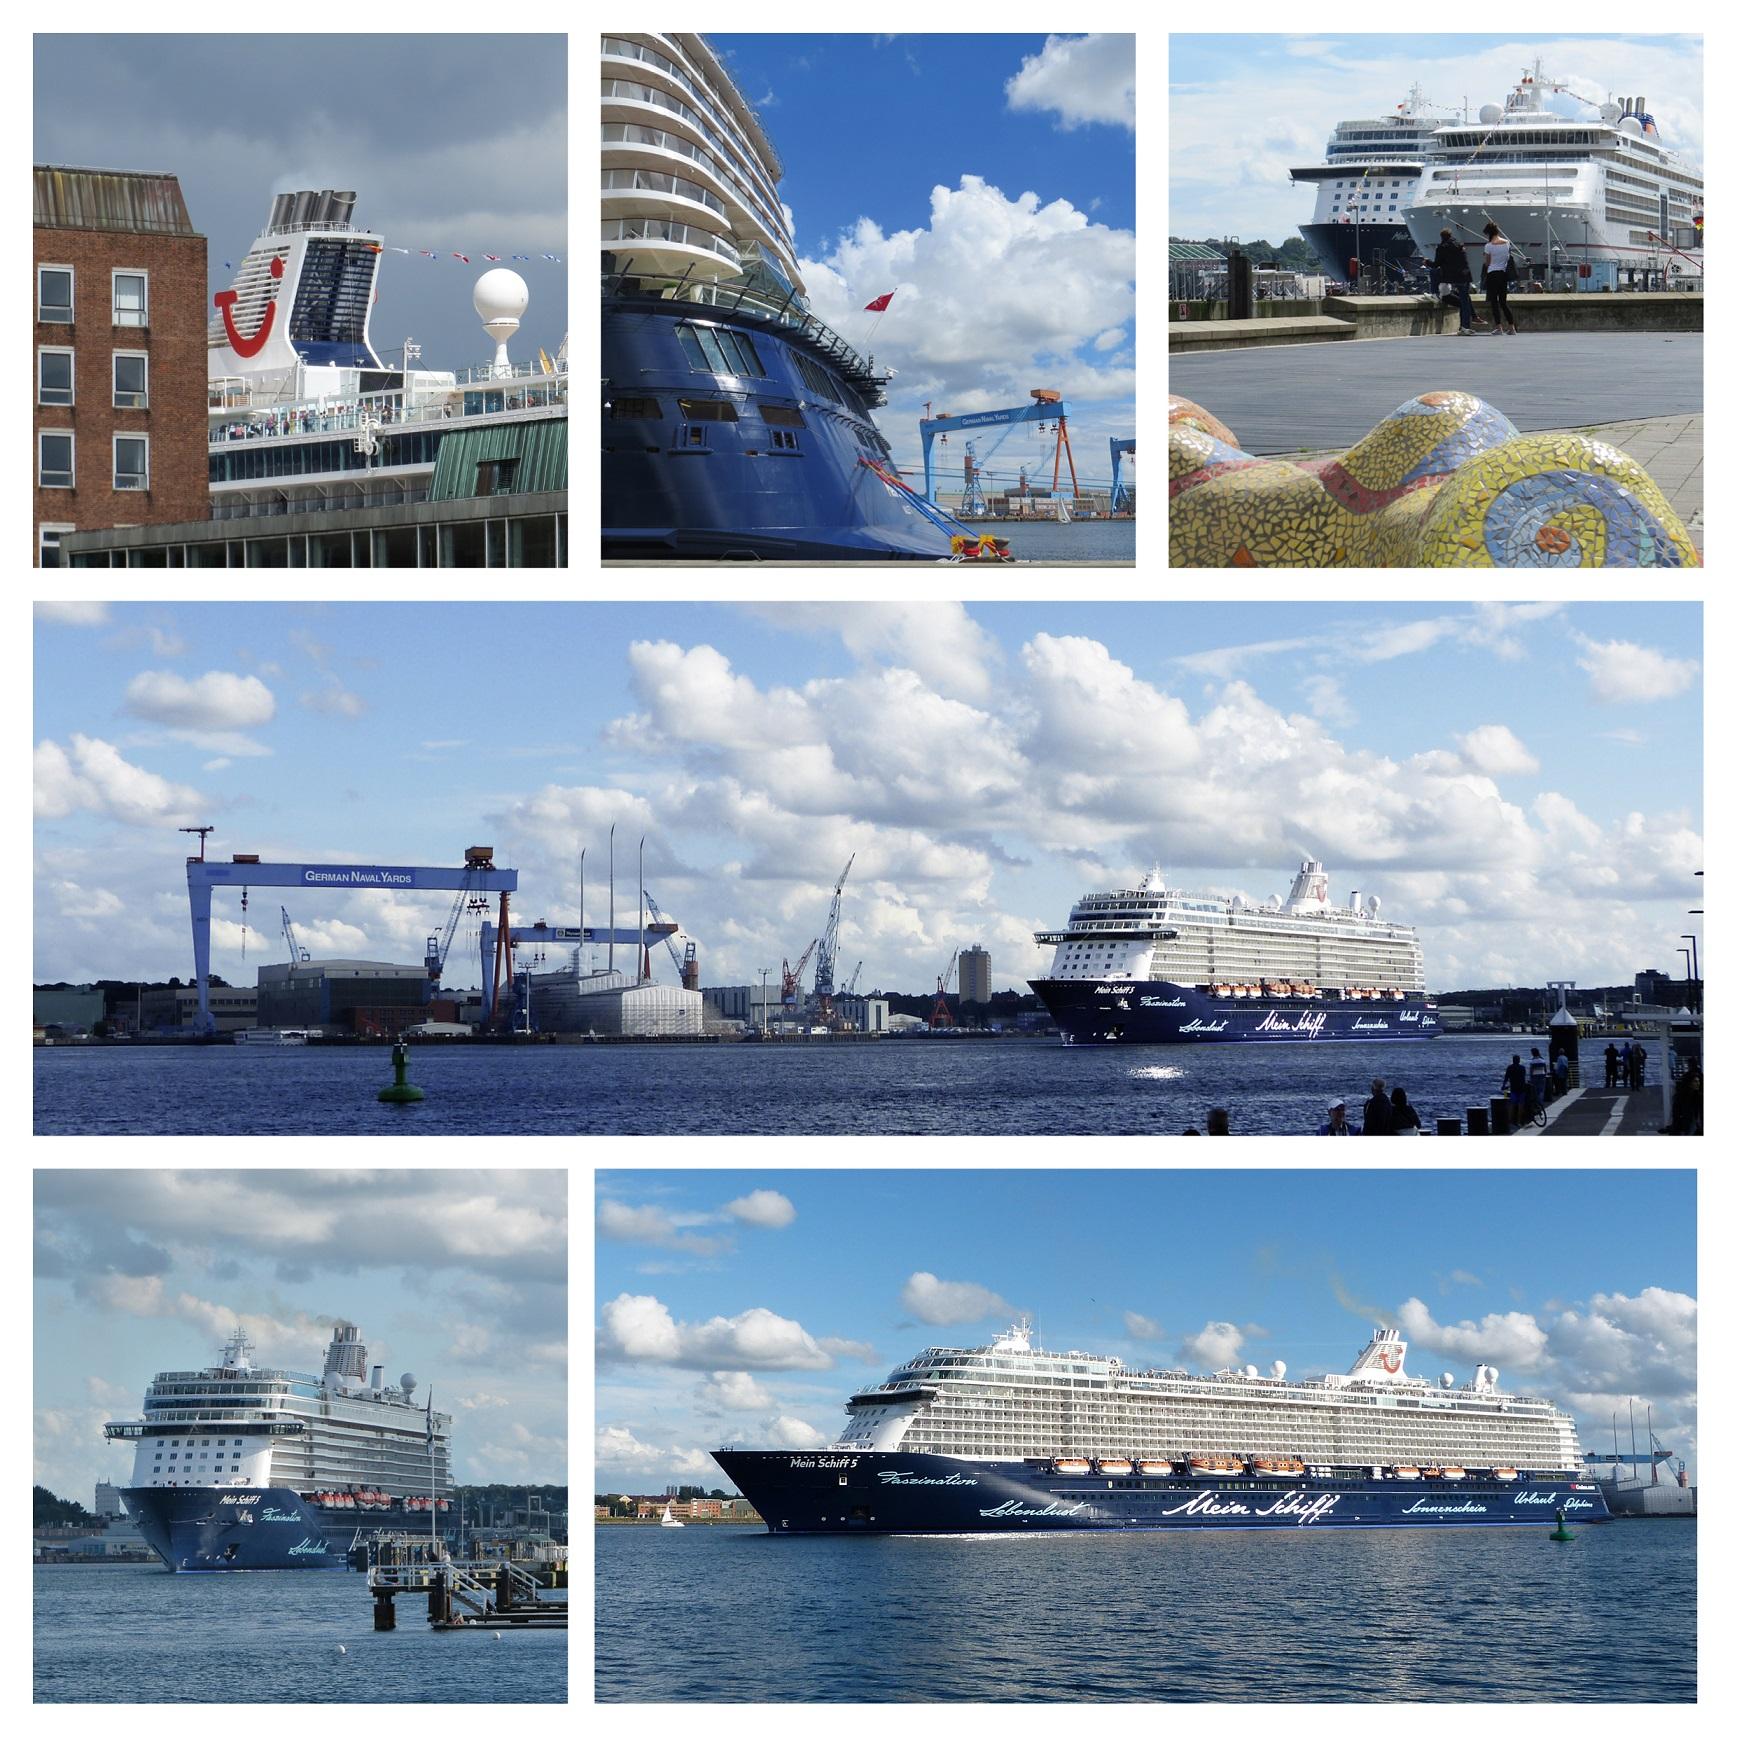 Impressionen von Mein Schiff Häfen wie Kiel